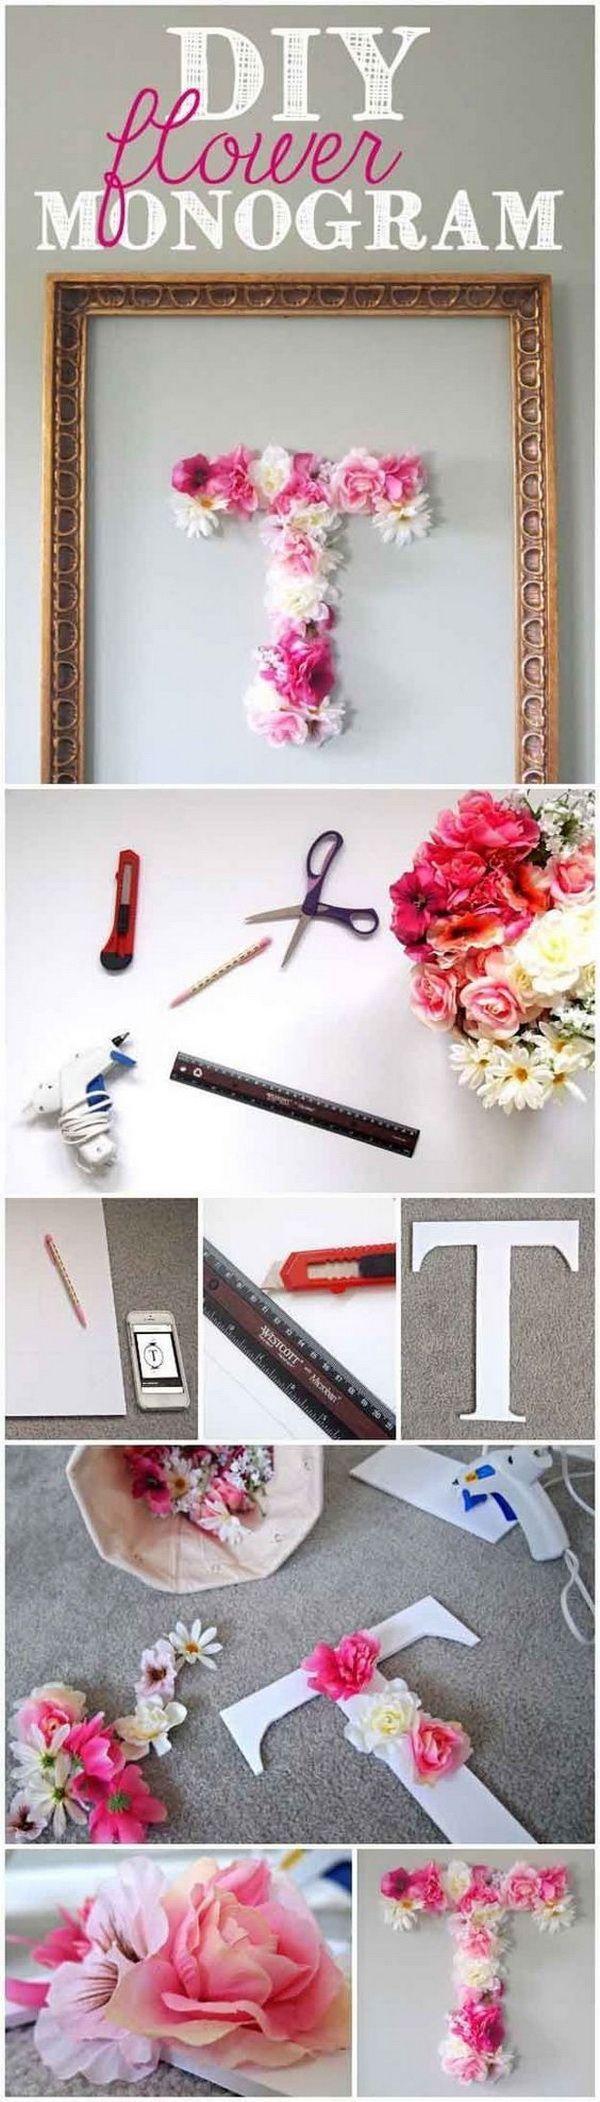 DIY Imitat-Blumen-Monogramm. Machen Sie einen hübschen dekorativen Brief mit Blume Upcycledcraftsblog